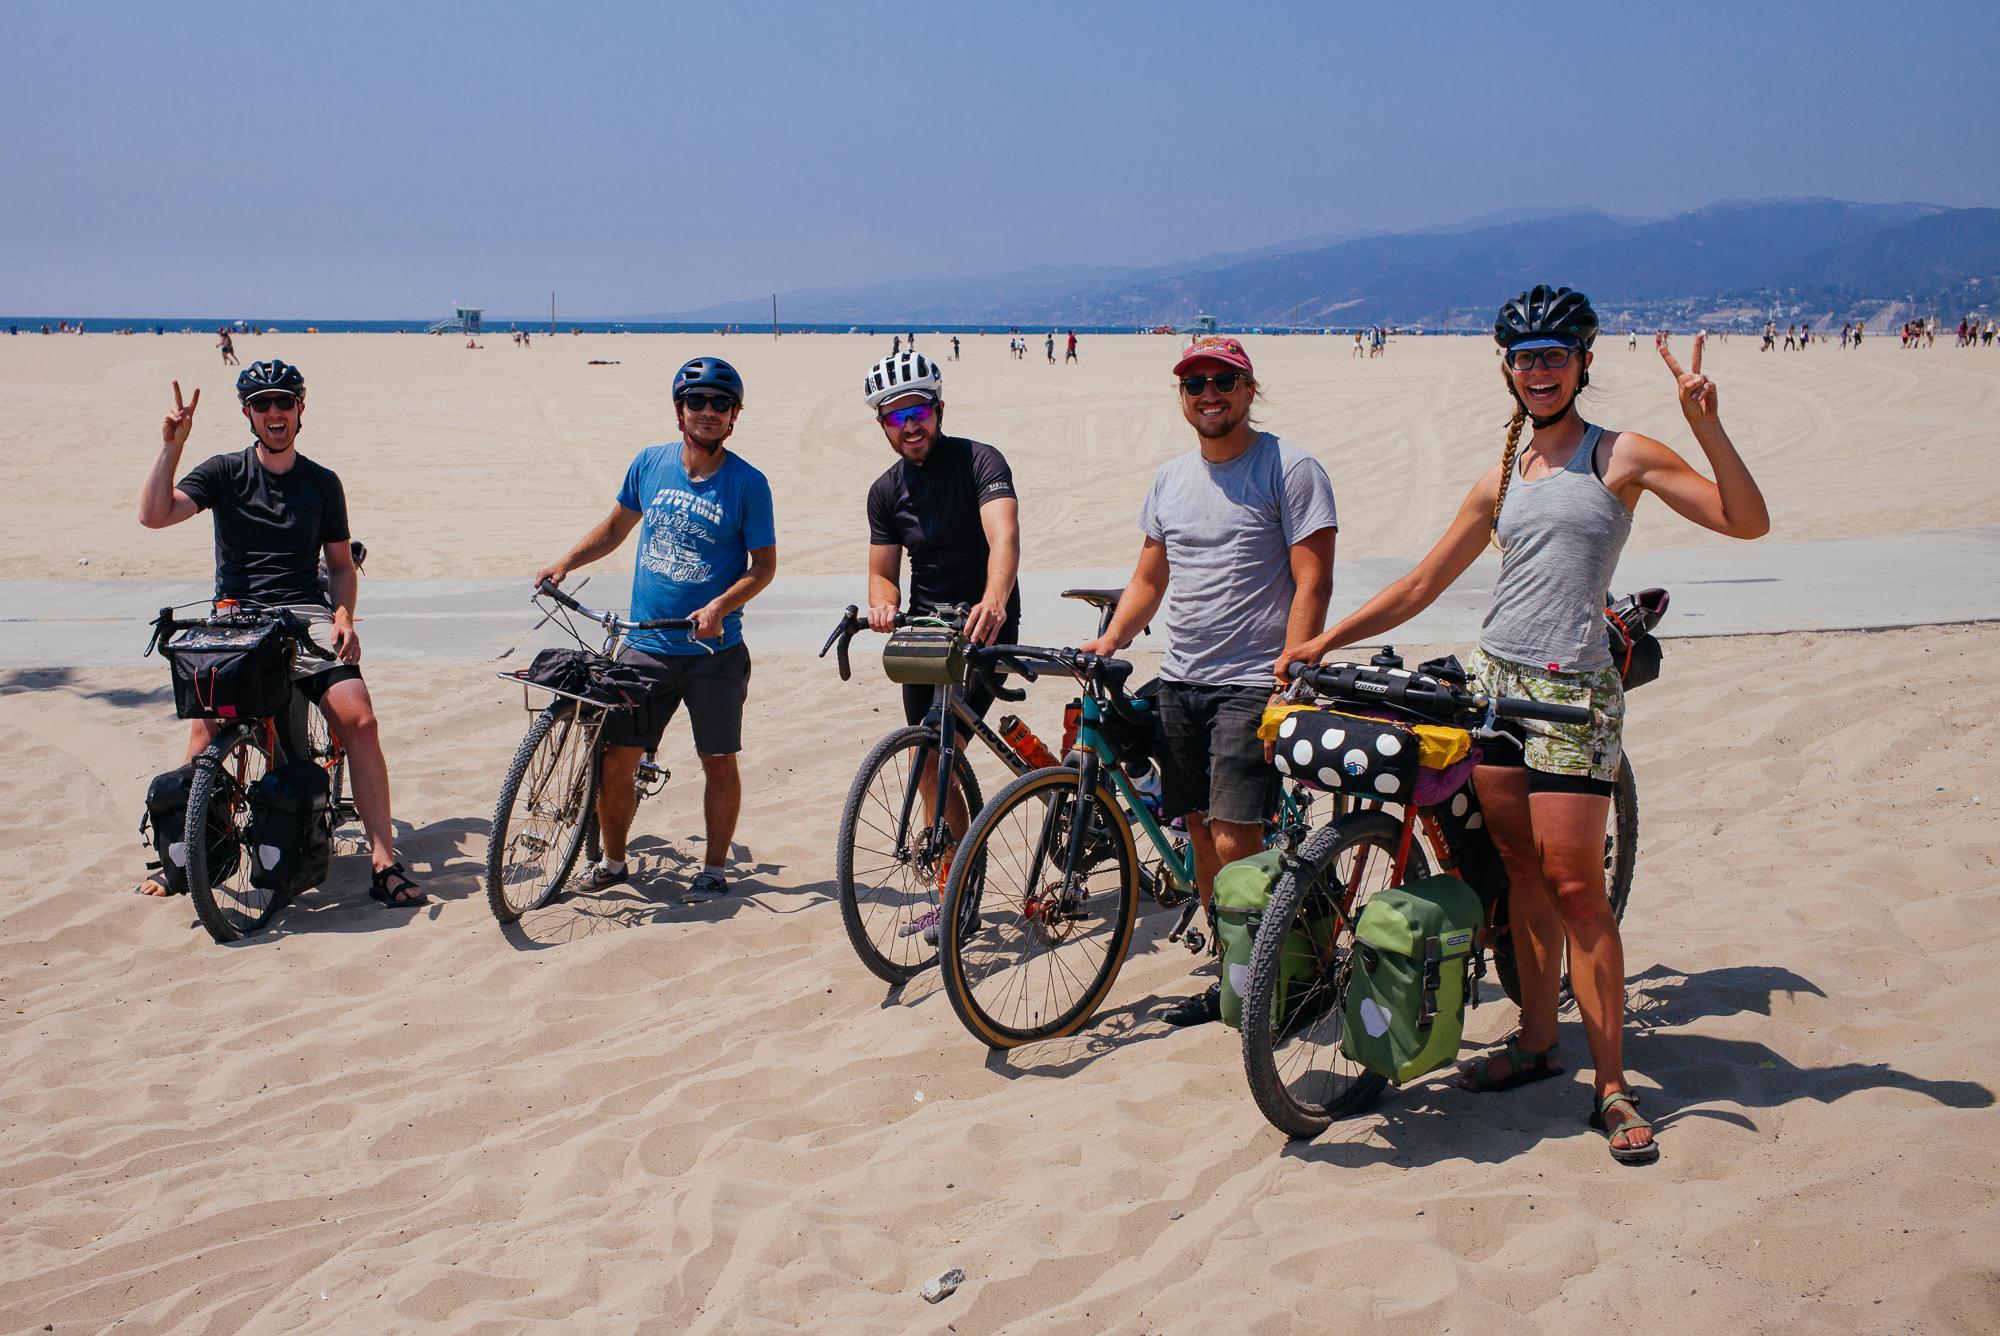 Sandy beach group photo